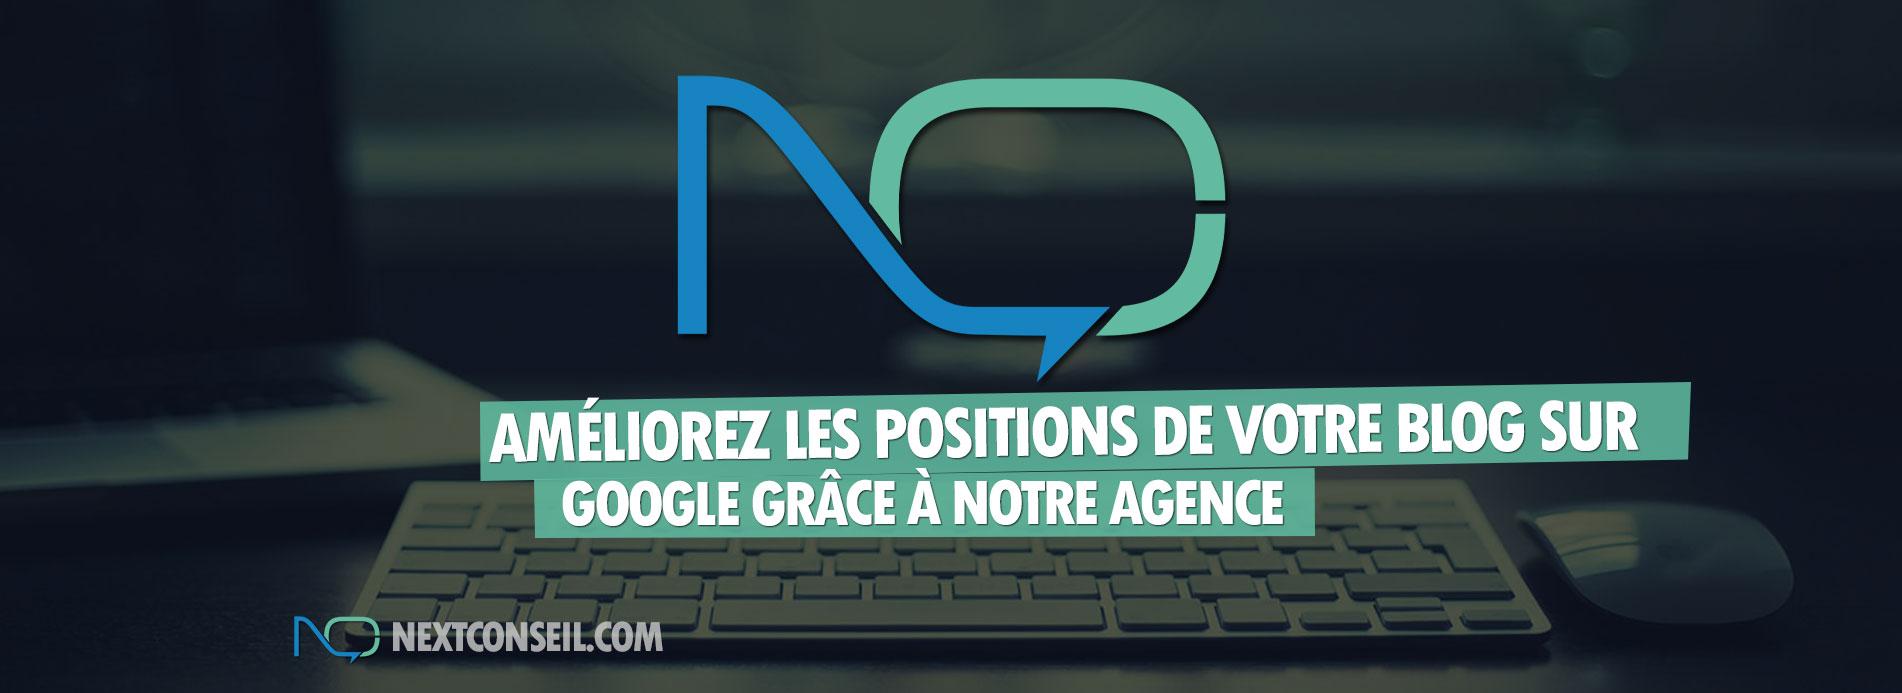 Améliorez les positions de votre blog sur Google grâce à notre agence